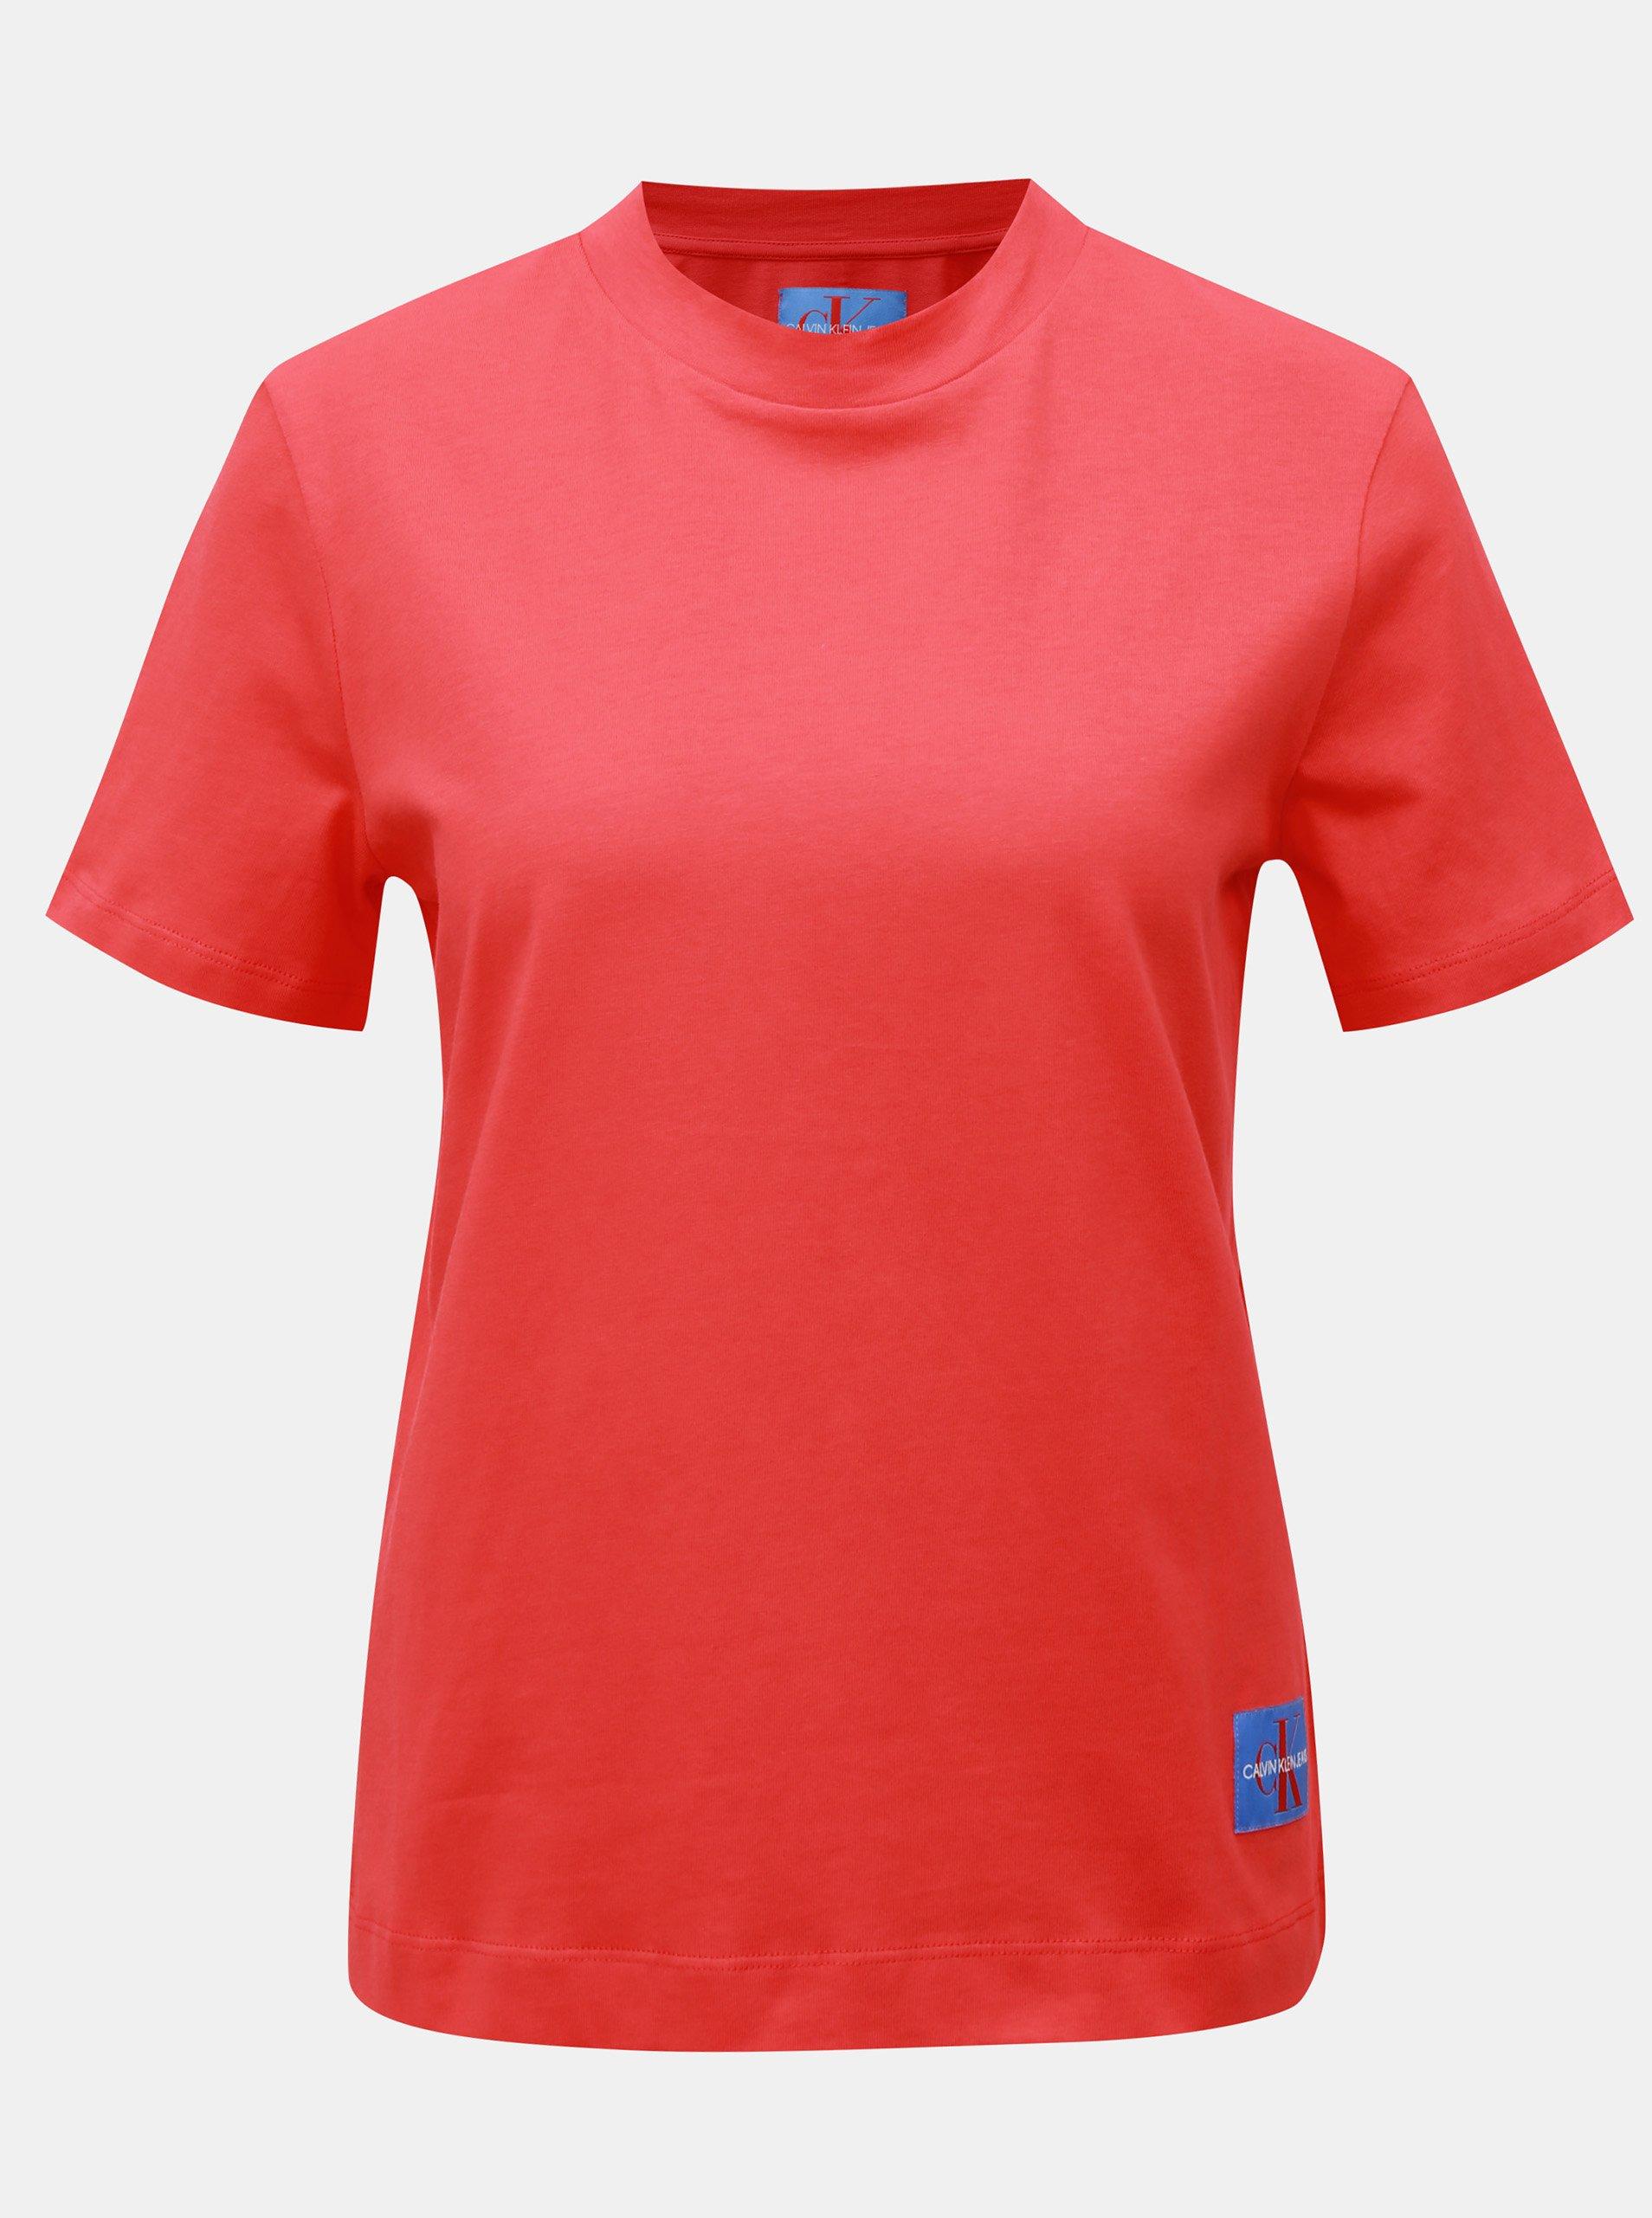 Fotografie Červené dámské tričko s nášivkou Calvin Klein Jeans